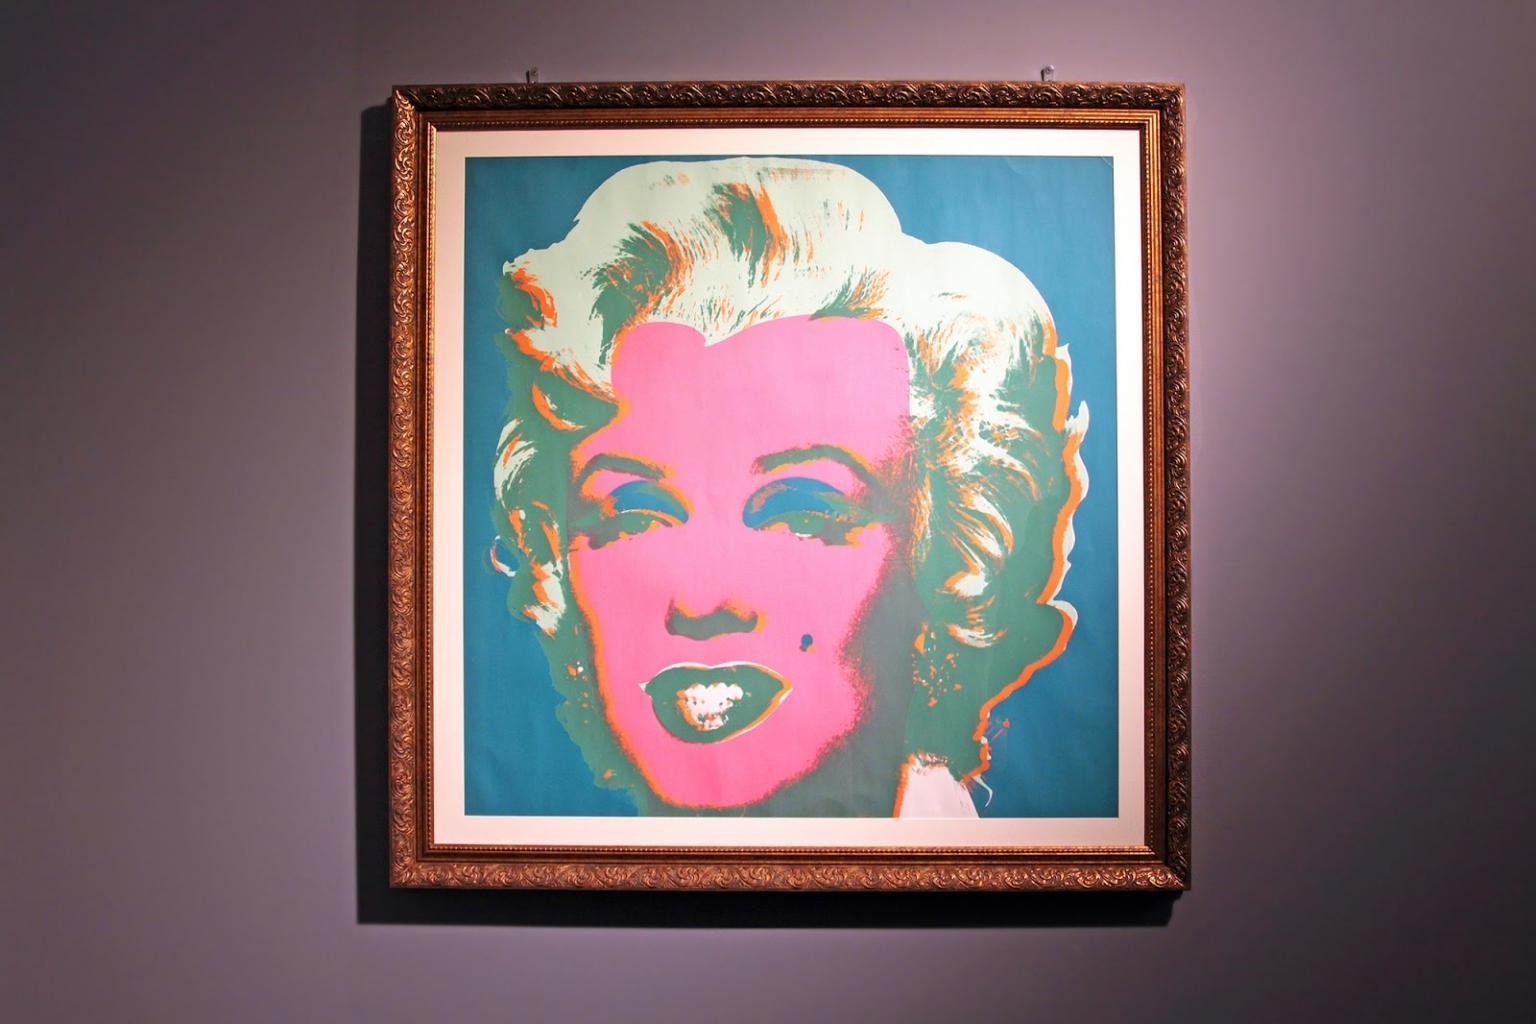 Biztosan te is láttál már Andy Warhol által ihletett, Marilyn tetoválást.